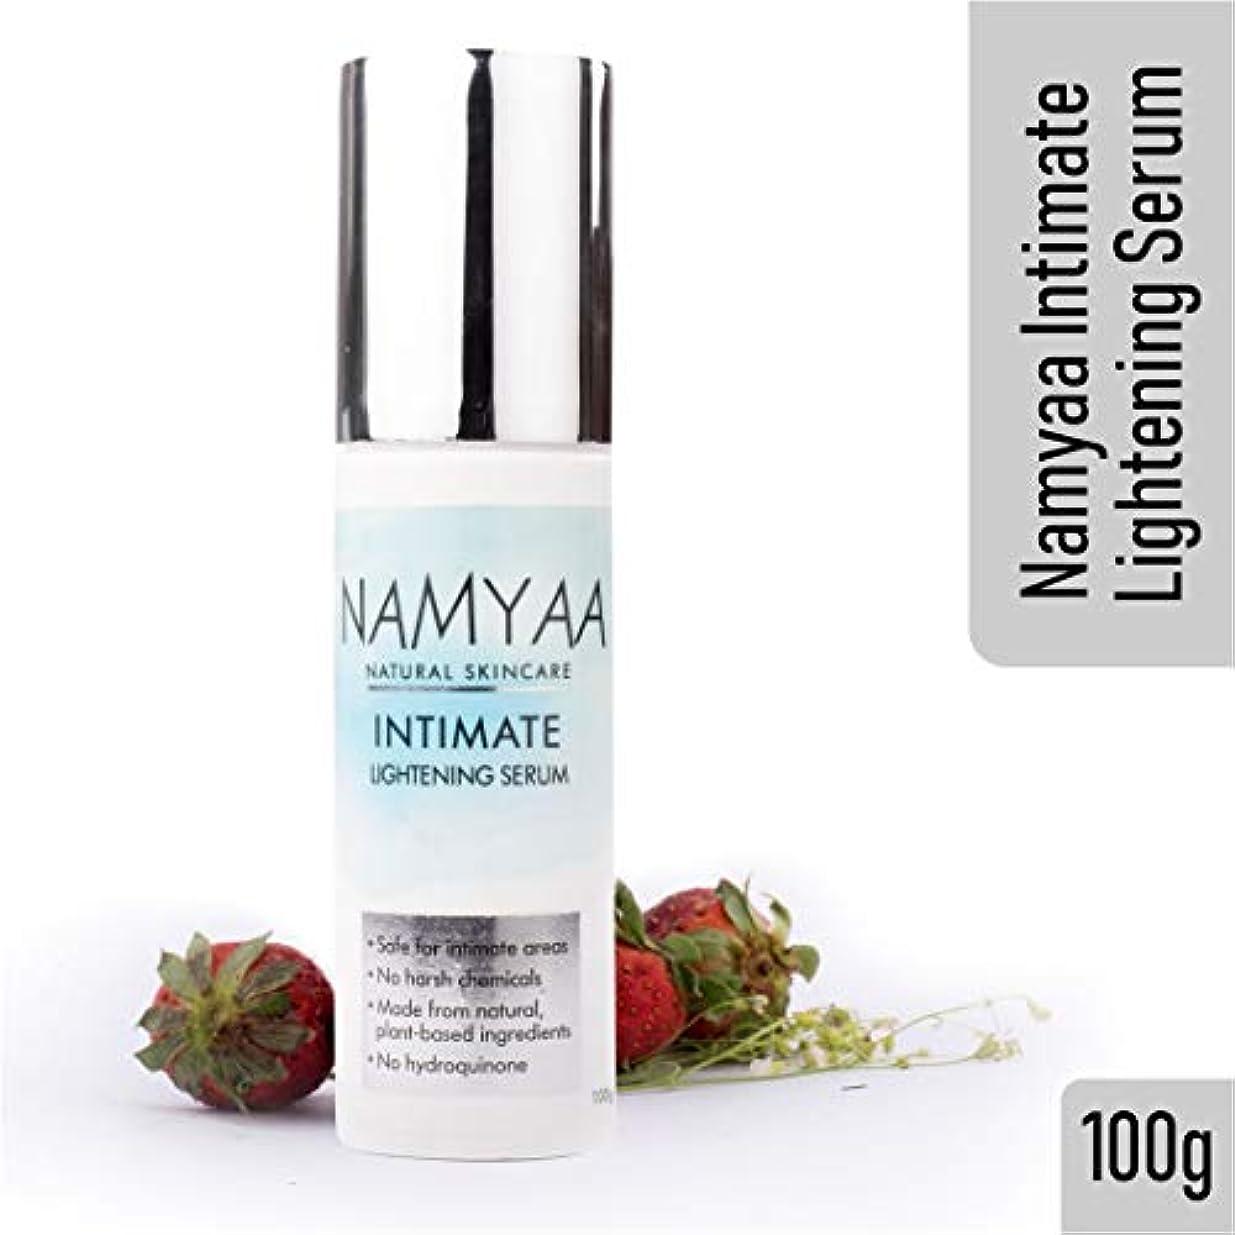 ジョイントできないランタンQraa Namaya Intimate Lightening Serum, 100g